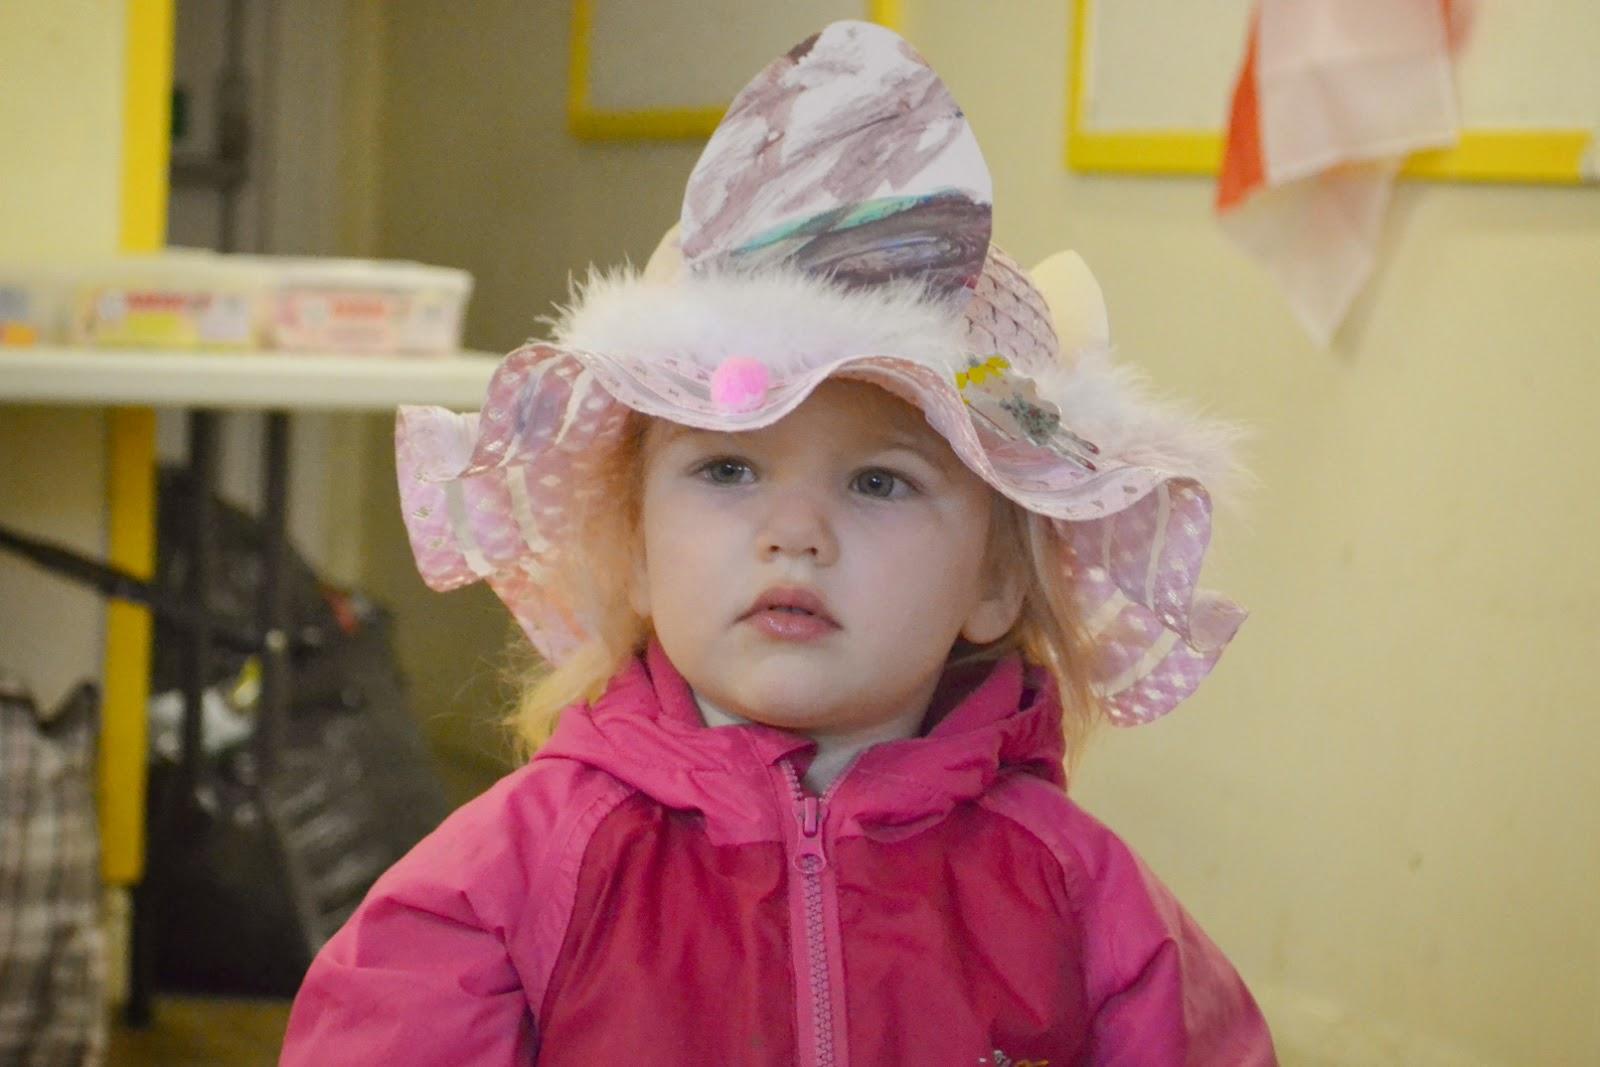 Tin Box Tot wearing an Easter bonnet